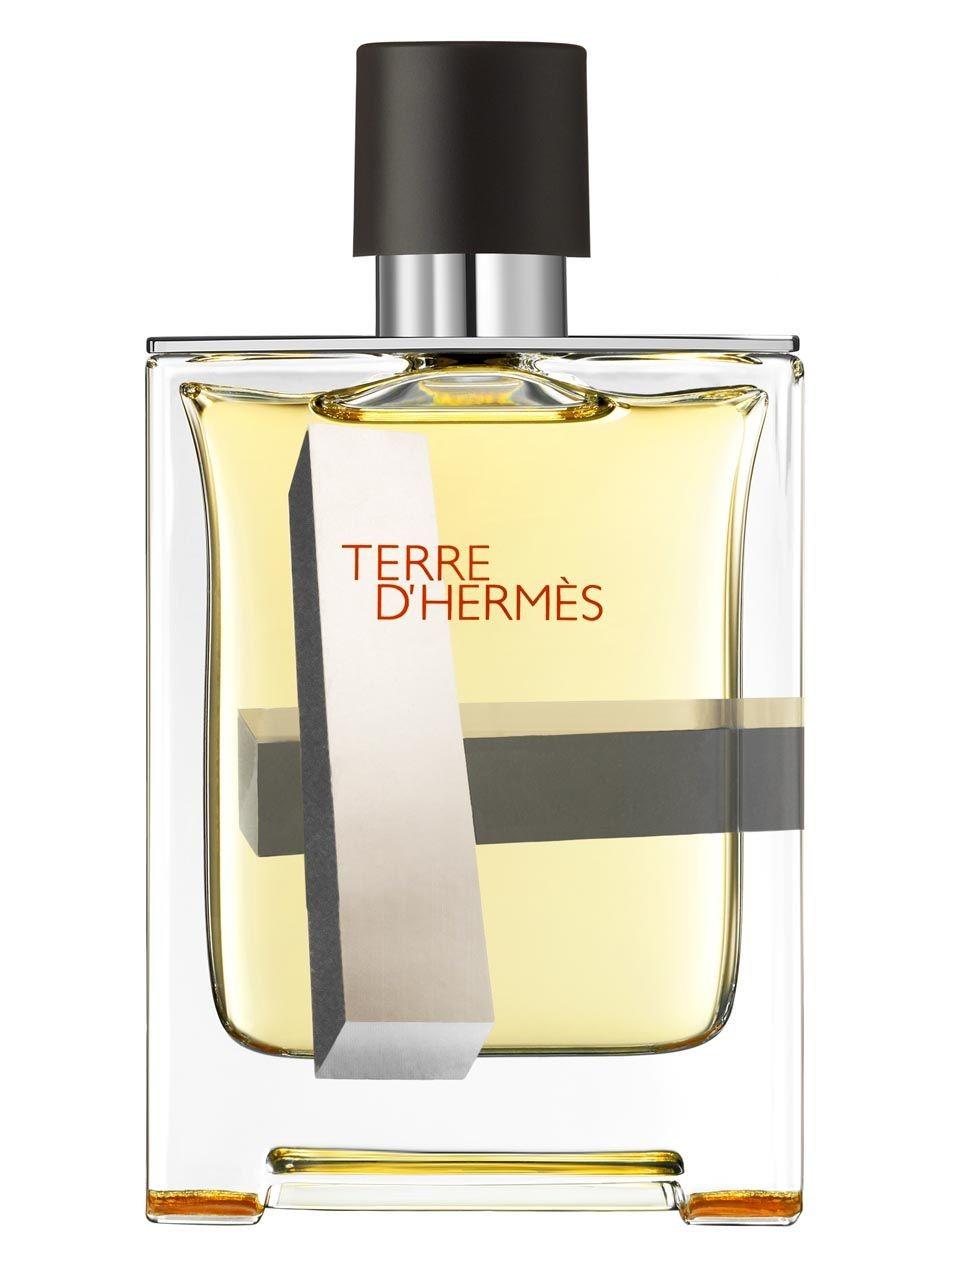 terre d 39 hermes perspective herm s cologne a fragrance. Black Bedroom Furniture Sets. Home Design Ideas